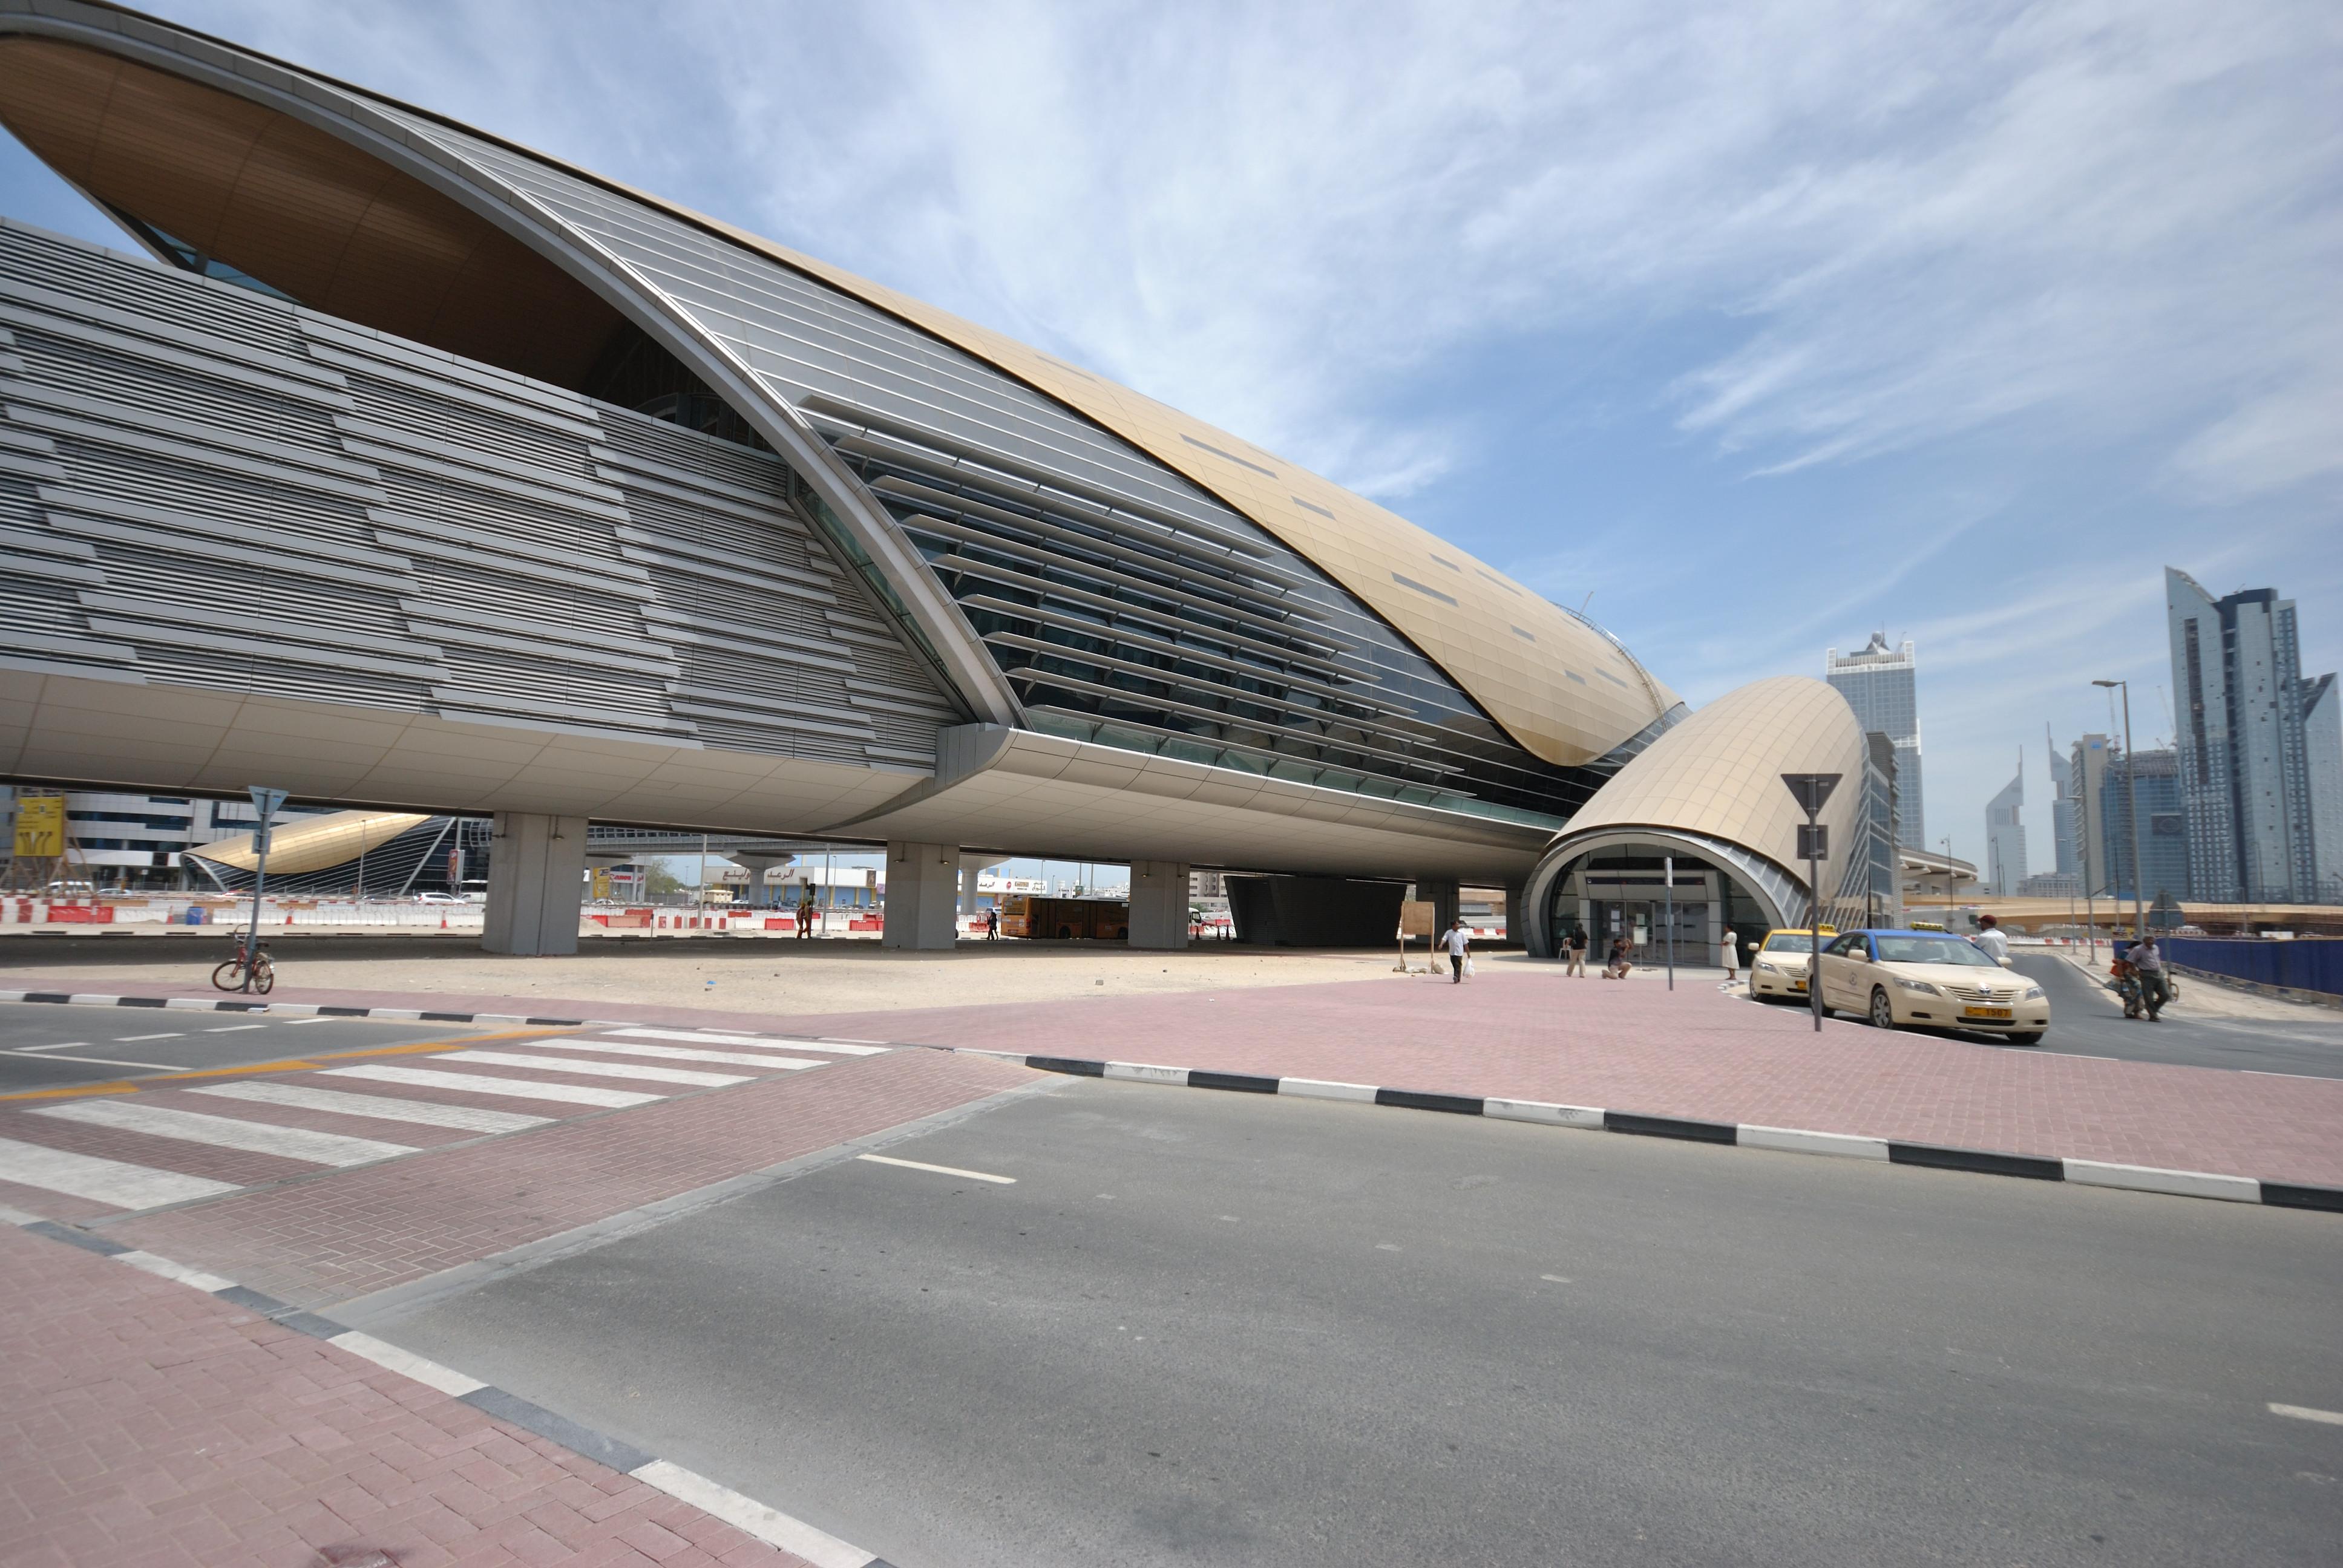 Entrance Canopy Of Dubai Metro - Dubai - Uae